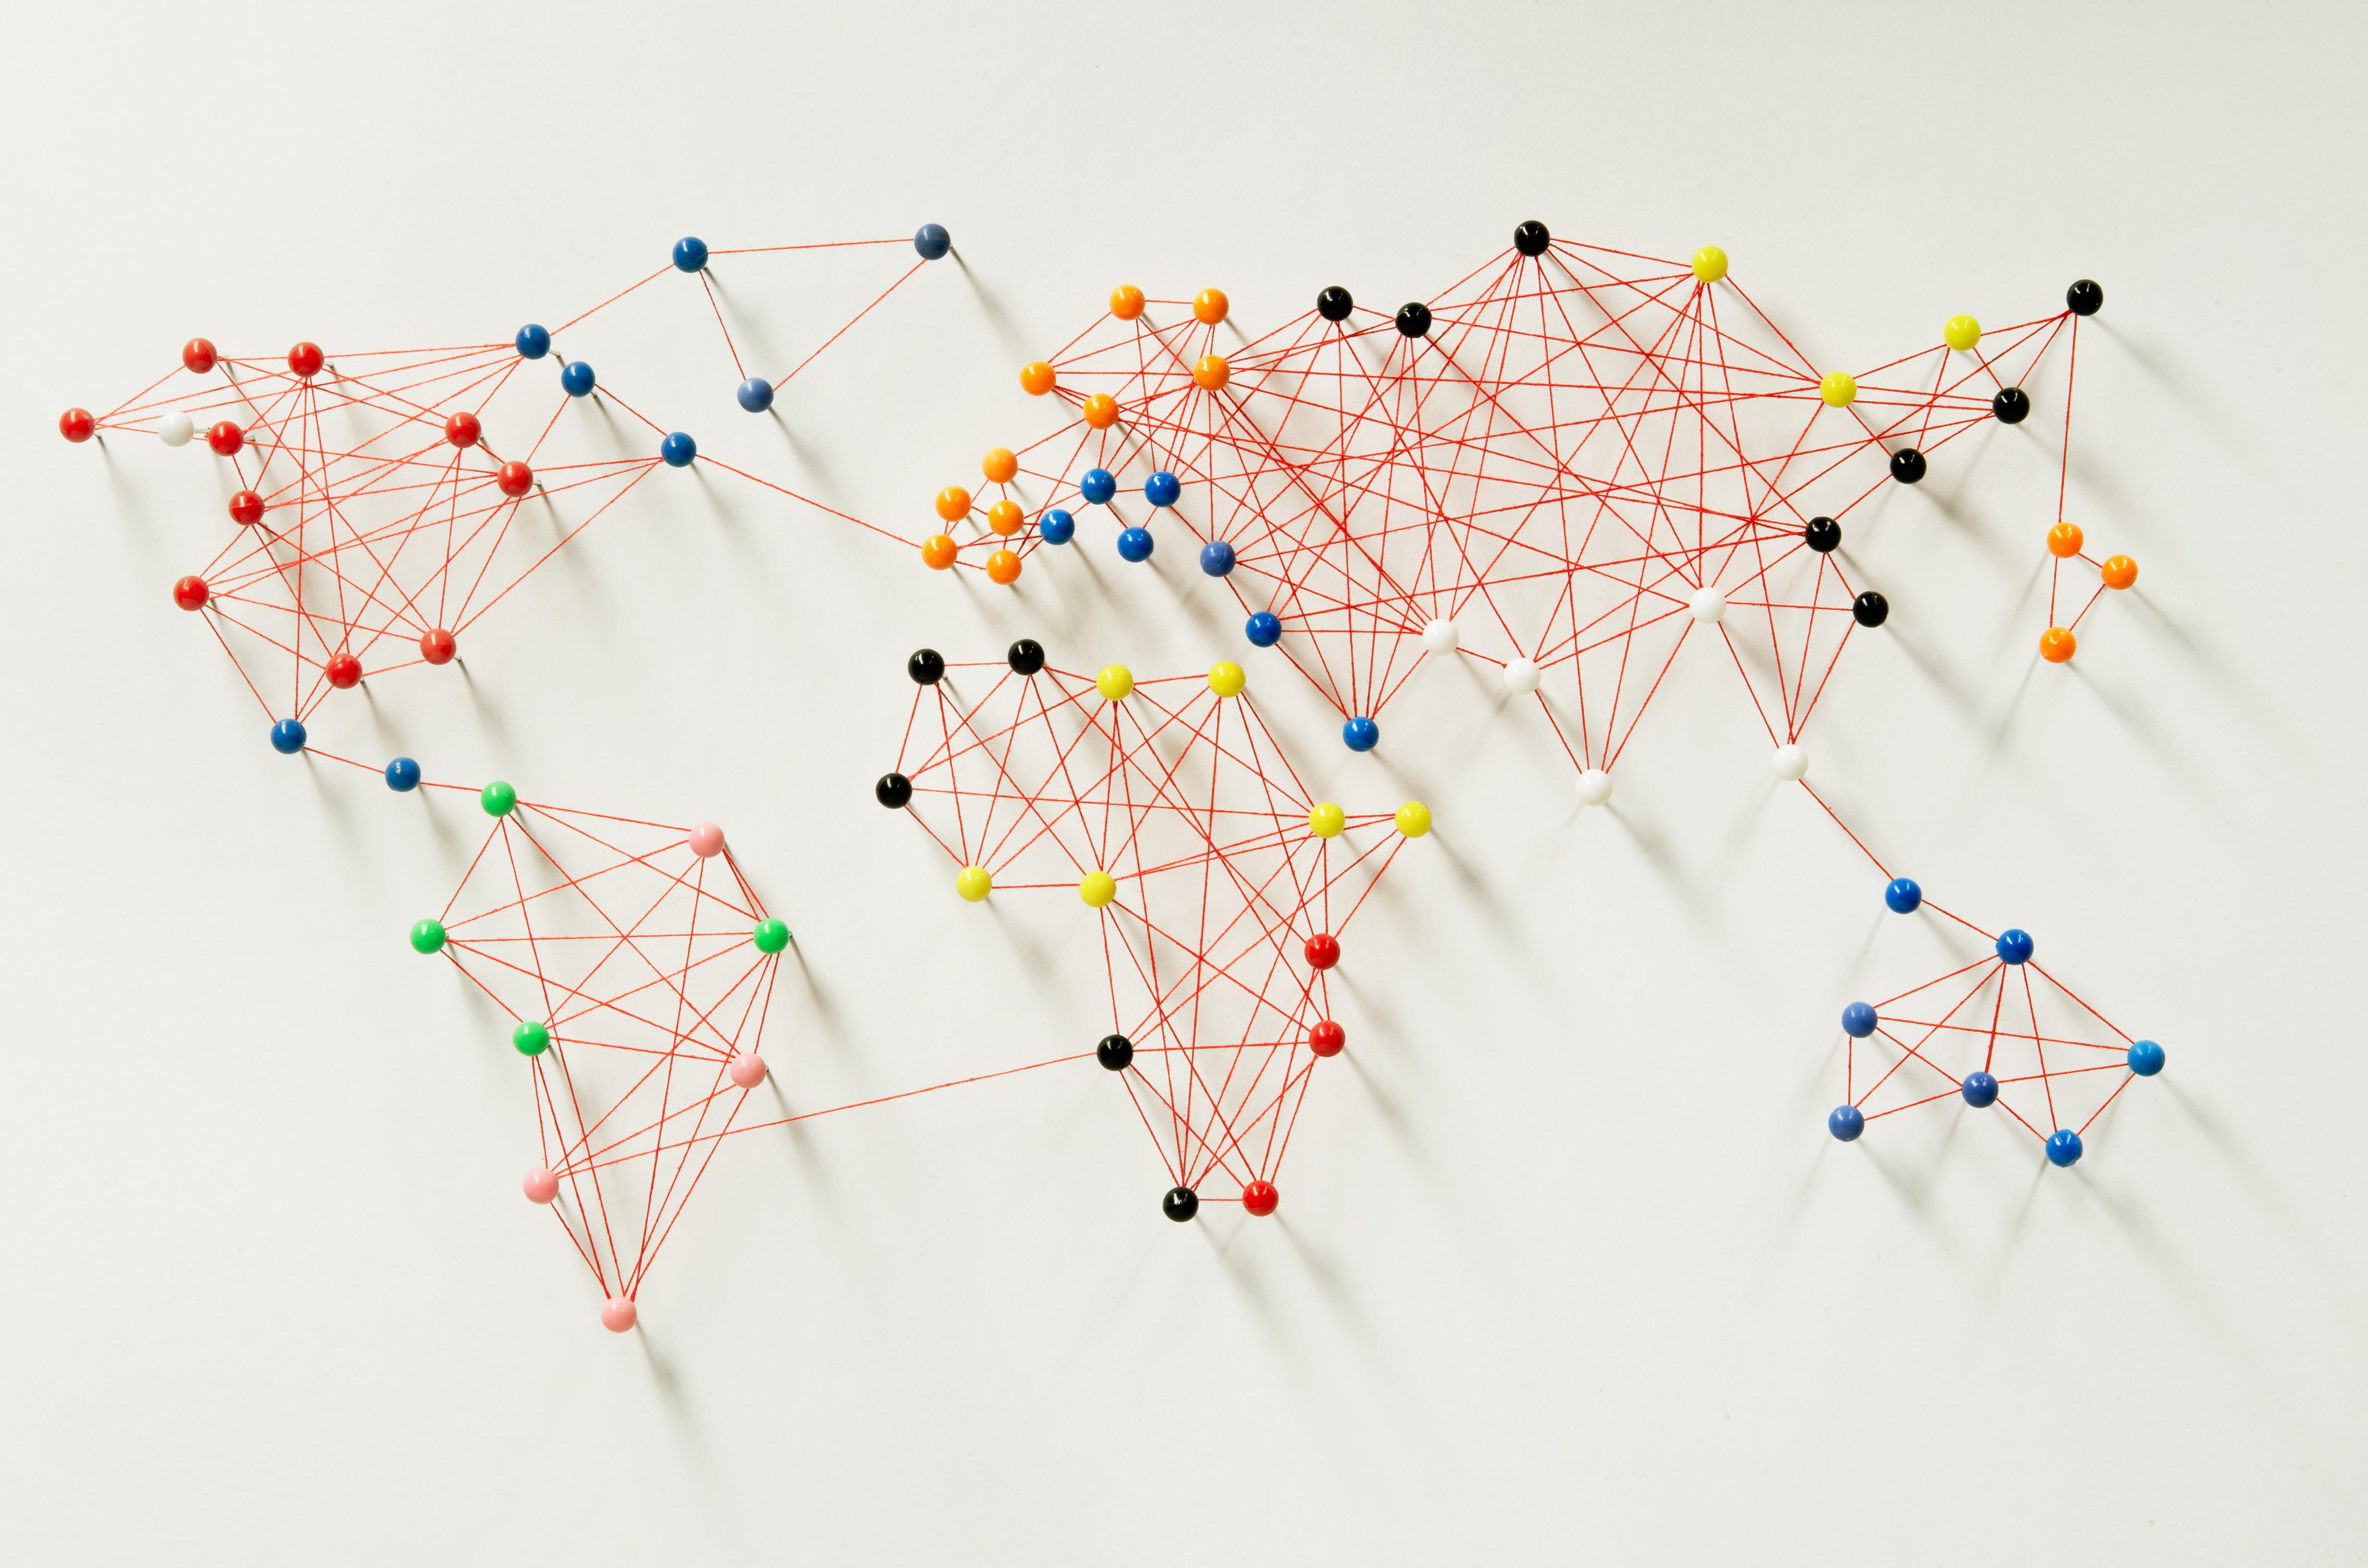 Karta svijeta na panou sa šarenim pribadačama